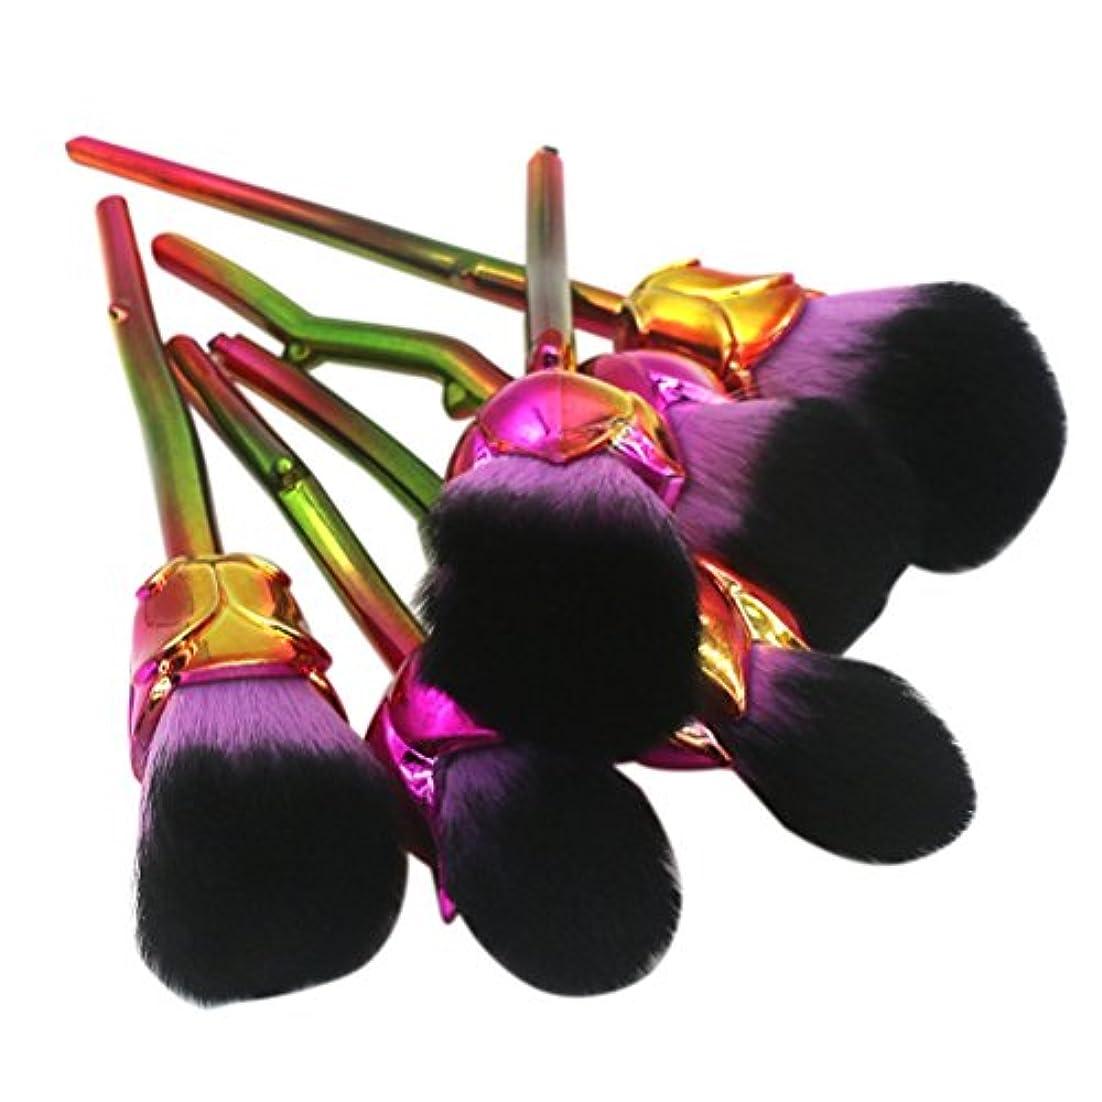 聴くおっと出撃者ディラビューティー(Dilla Beauty) メイクブラシ 薔薇 メイクブラシセット 人気 ファンデーションブラシ 化粧筆 可愛い 化粧ブラシ セット パウダーブラシ フェイスブラシ ローズ メイクブラシ 6本セット ケース付き (パープル)